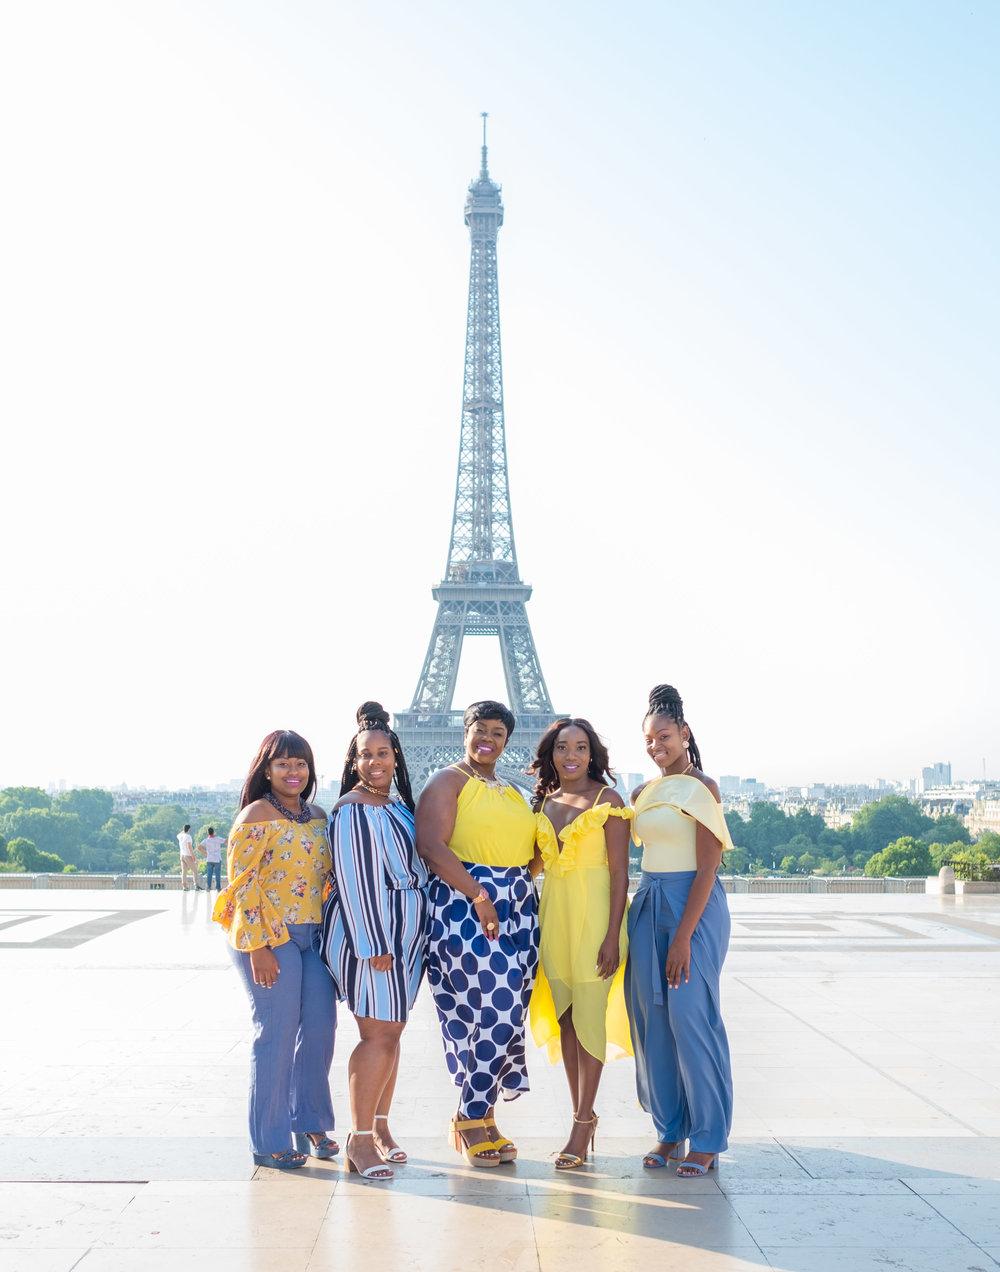 friends photo session eiffel tower paris france